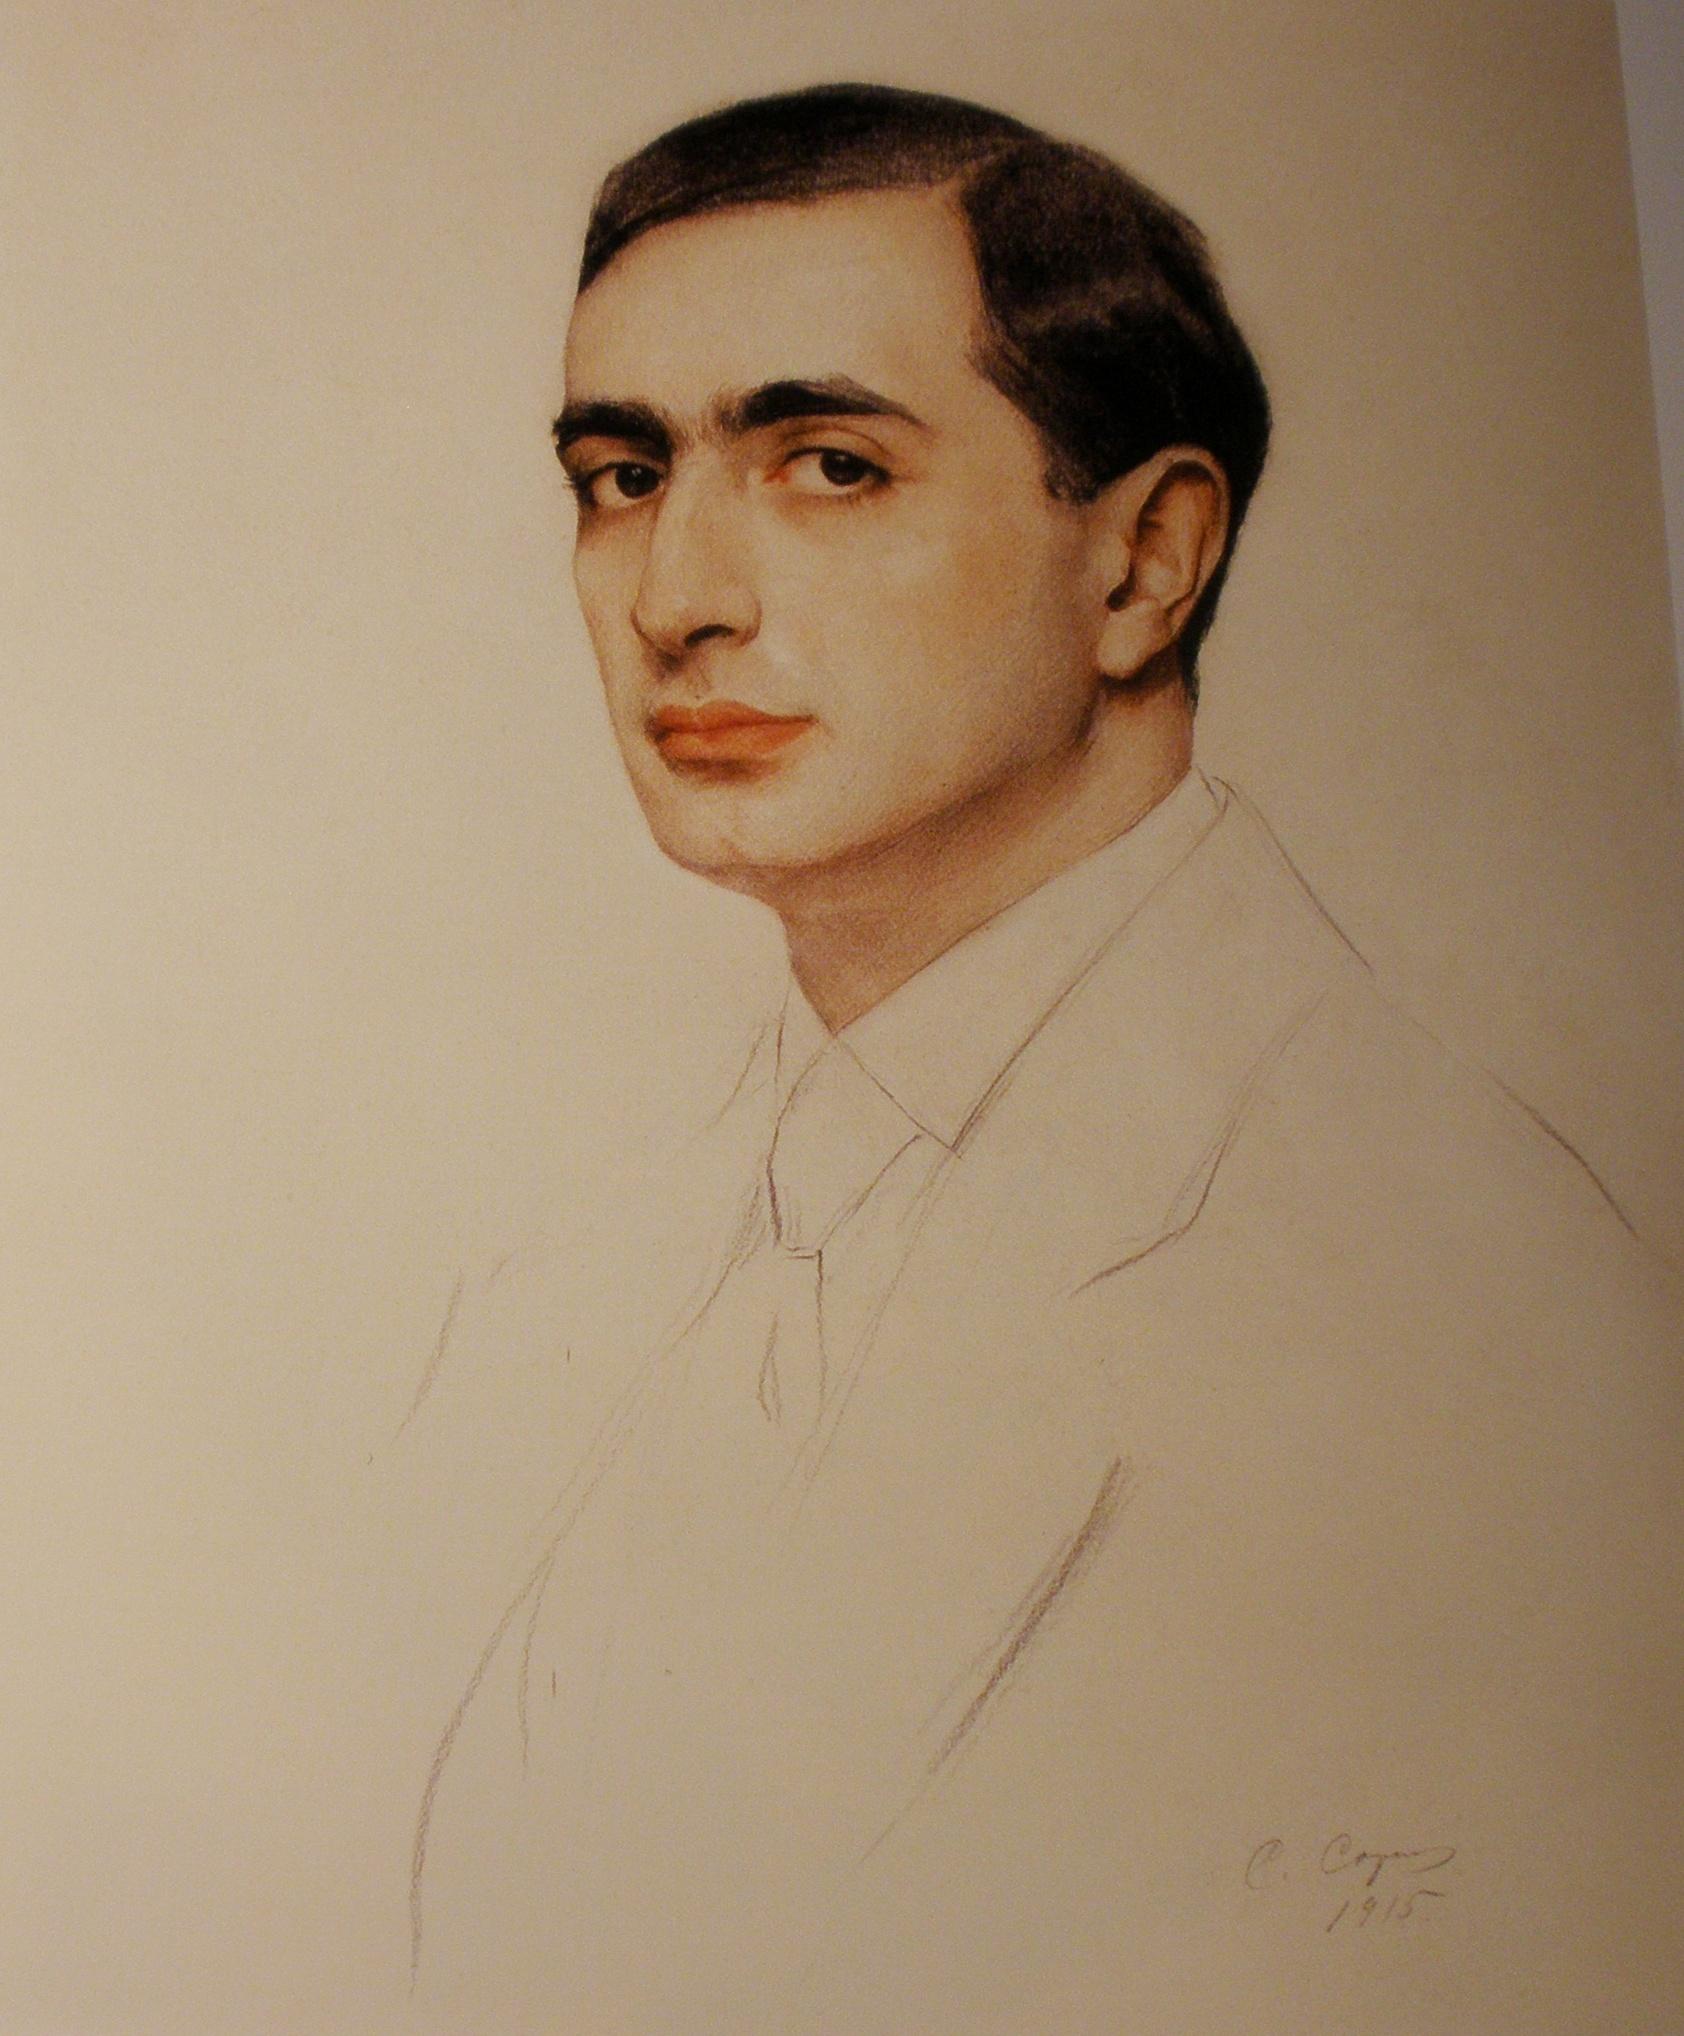 1 Портрет архитектора  М. И. Рославлева1915г.бум.,пастель47x67А.Х.Р 10131.